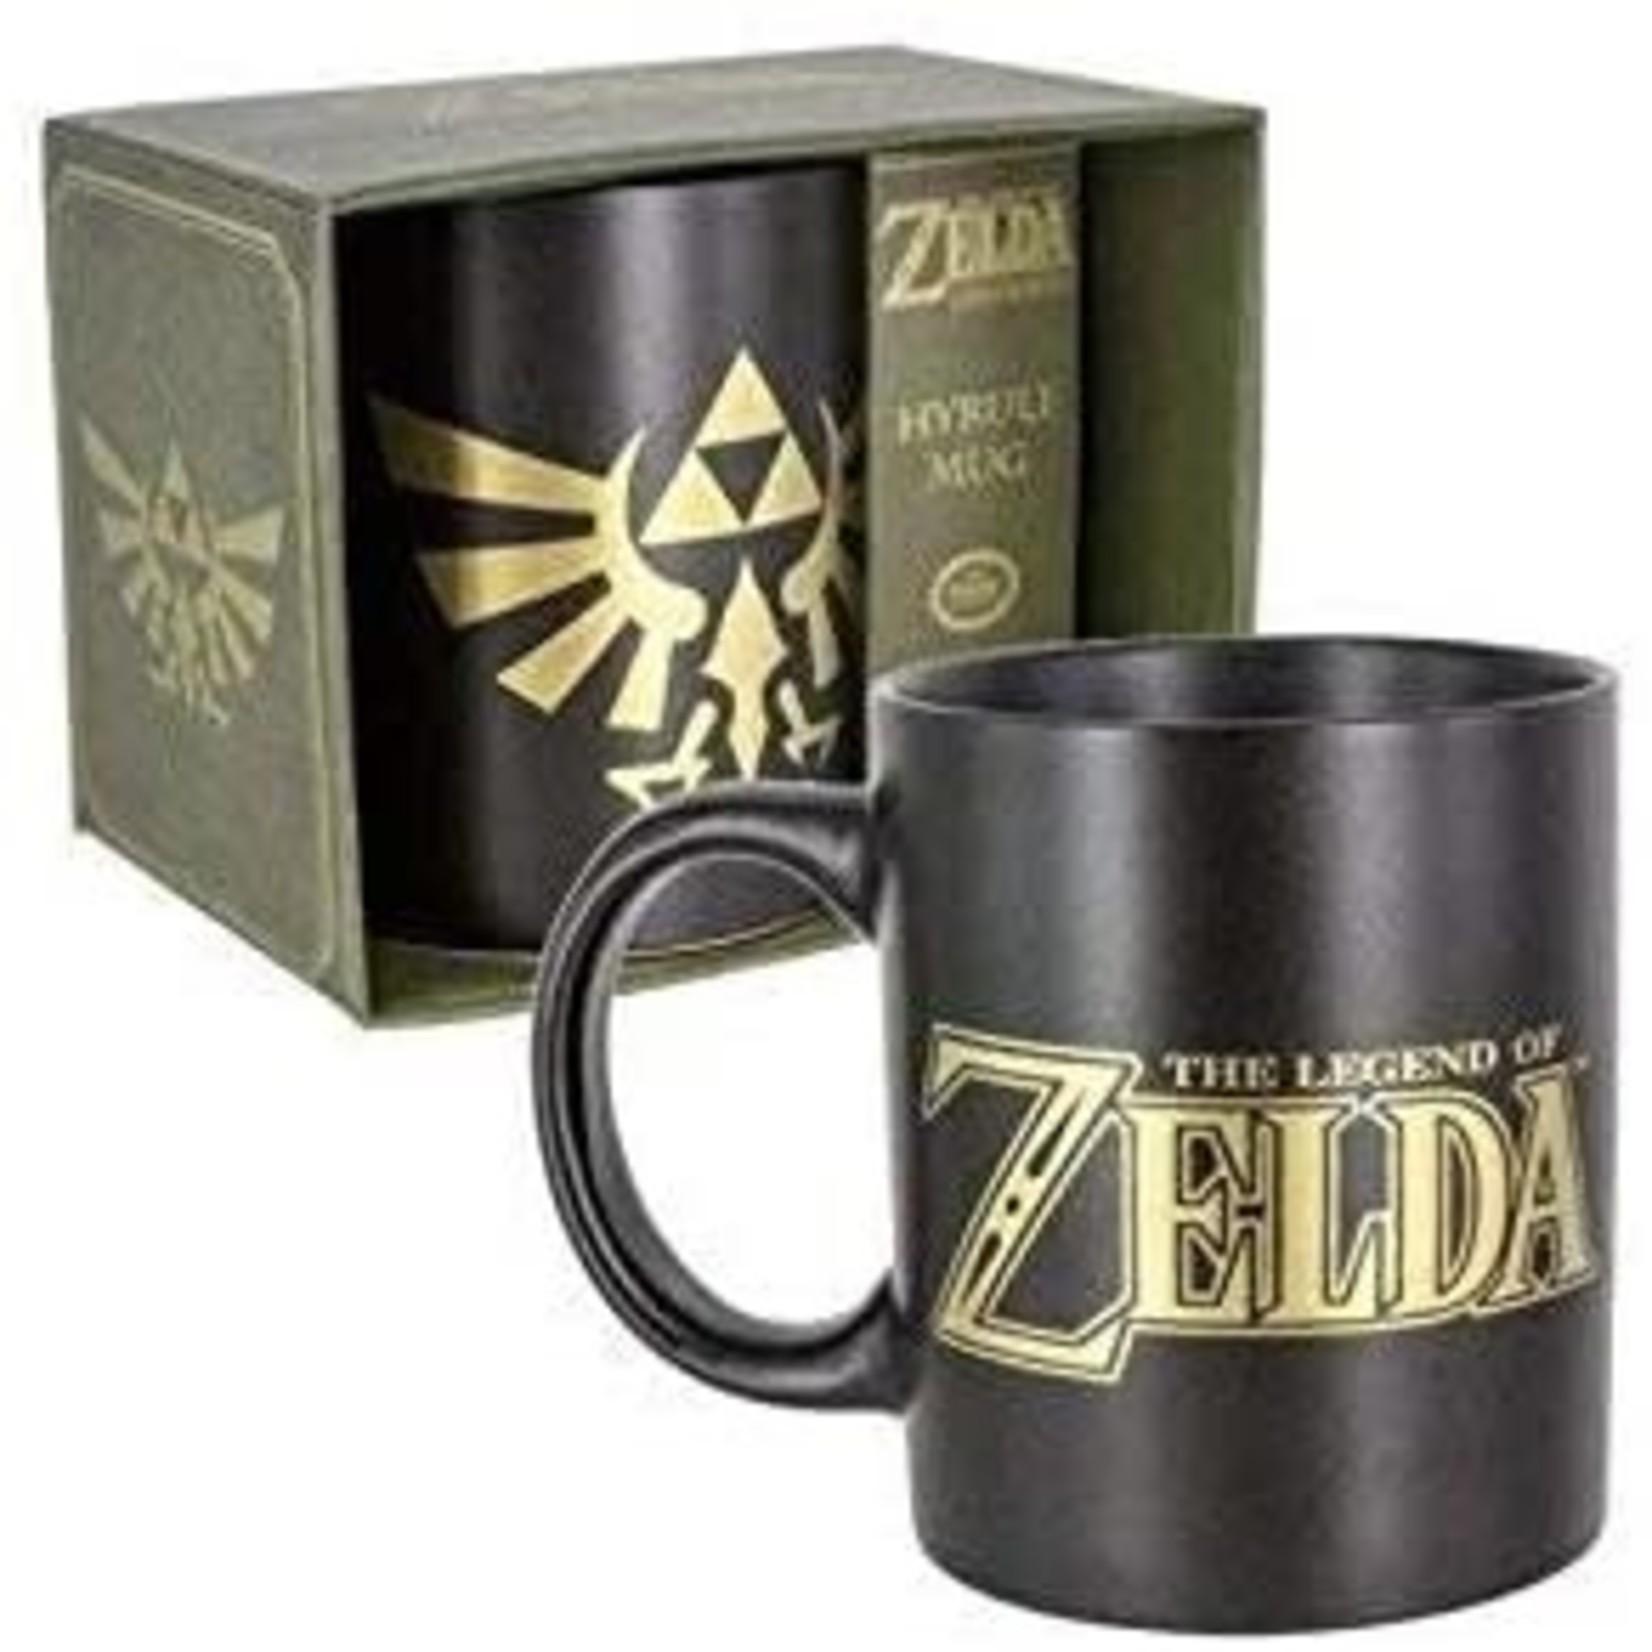 paladone The Legend of Zelda Hyrule Mug